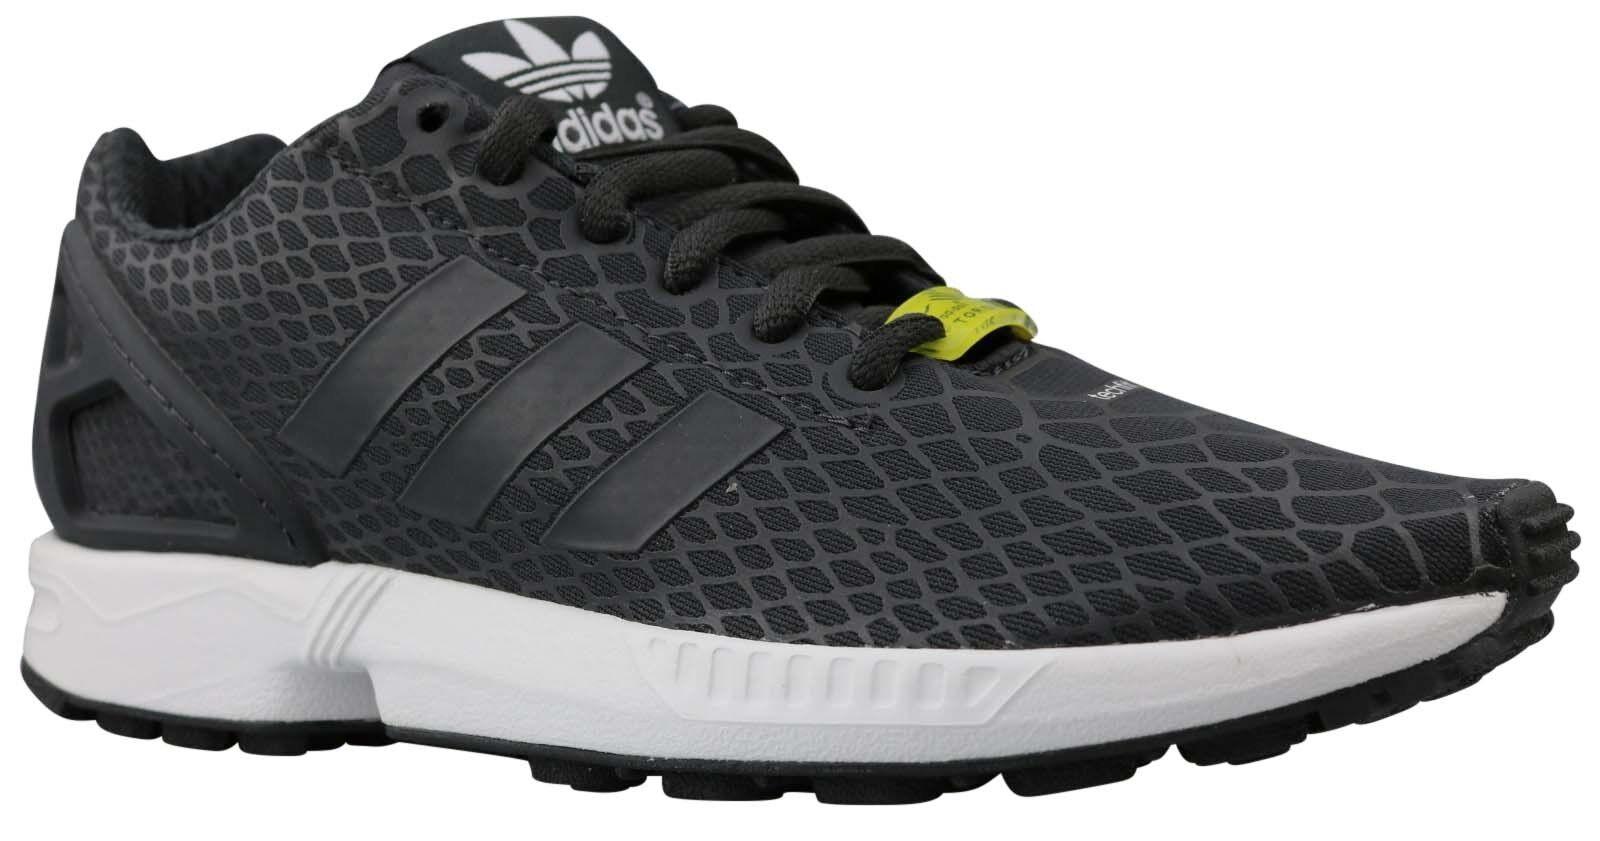 new concept e7140 4c313 Adidas Originals ZX Flux Techfit Sneaker Chaussures s75488 Taille 36 36 36  38 40 NOUVEAU   NEUF dans sa boîte e51e93